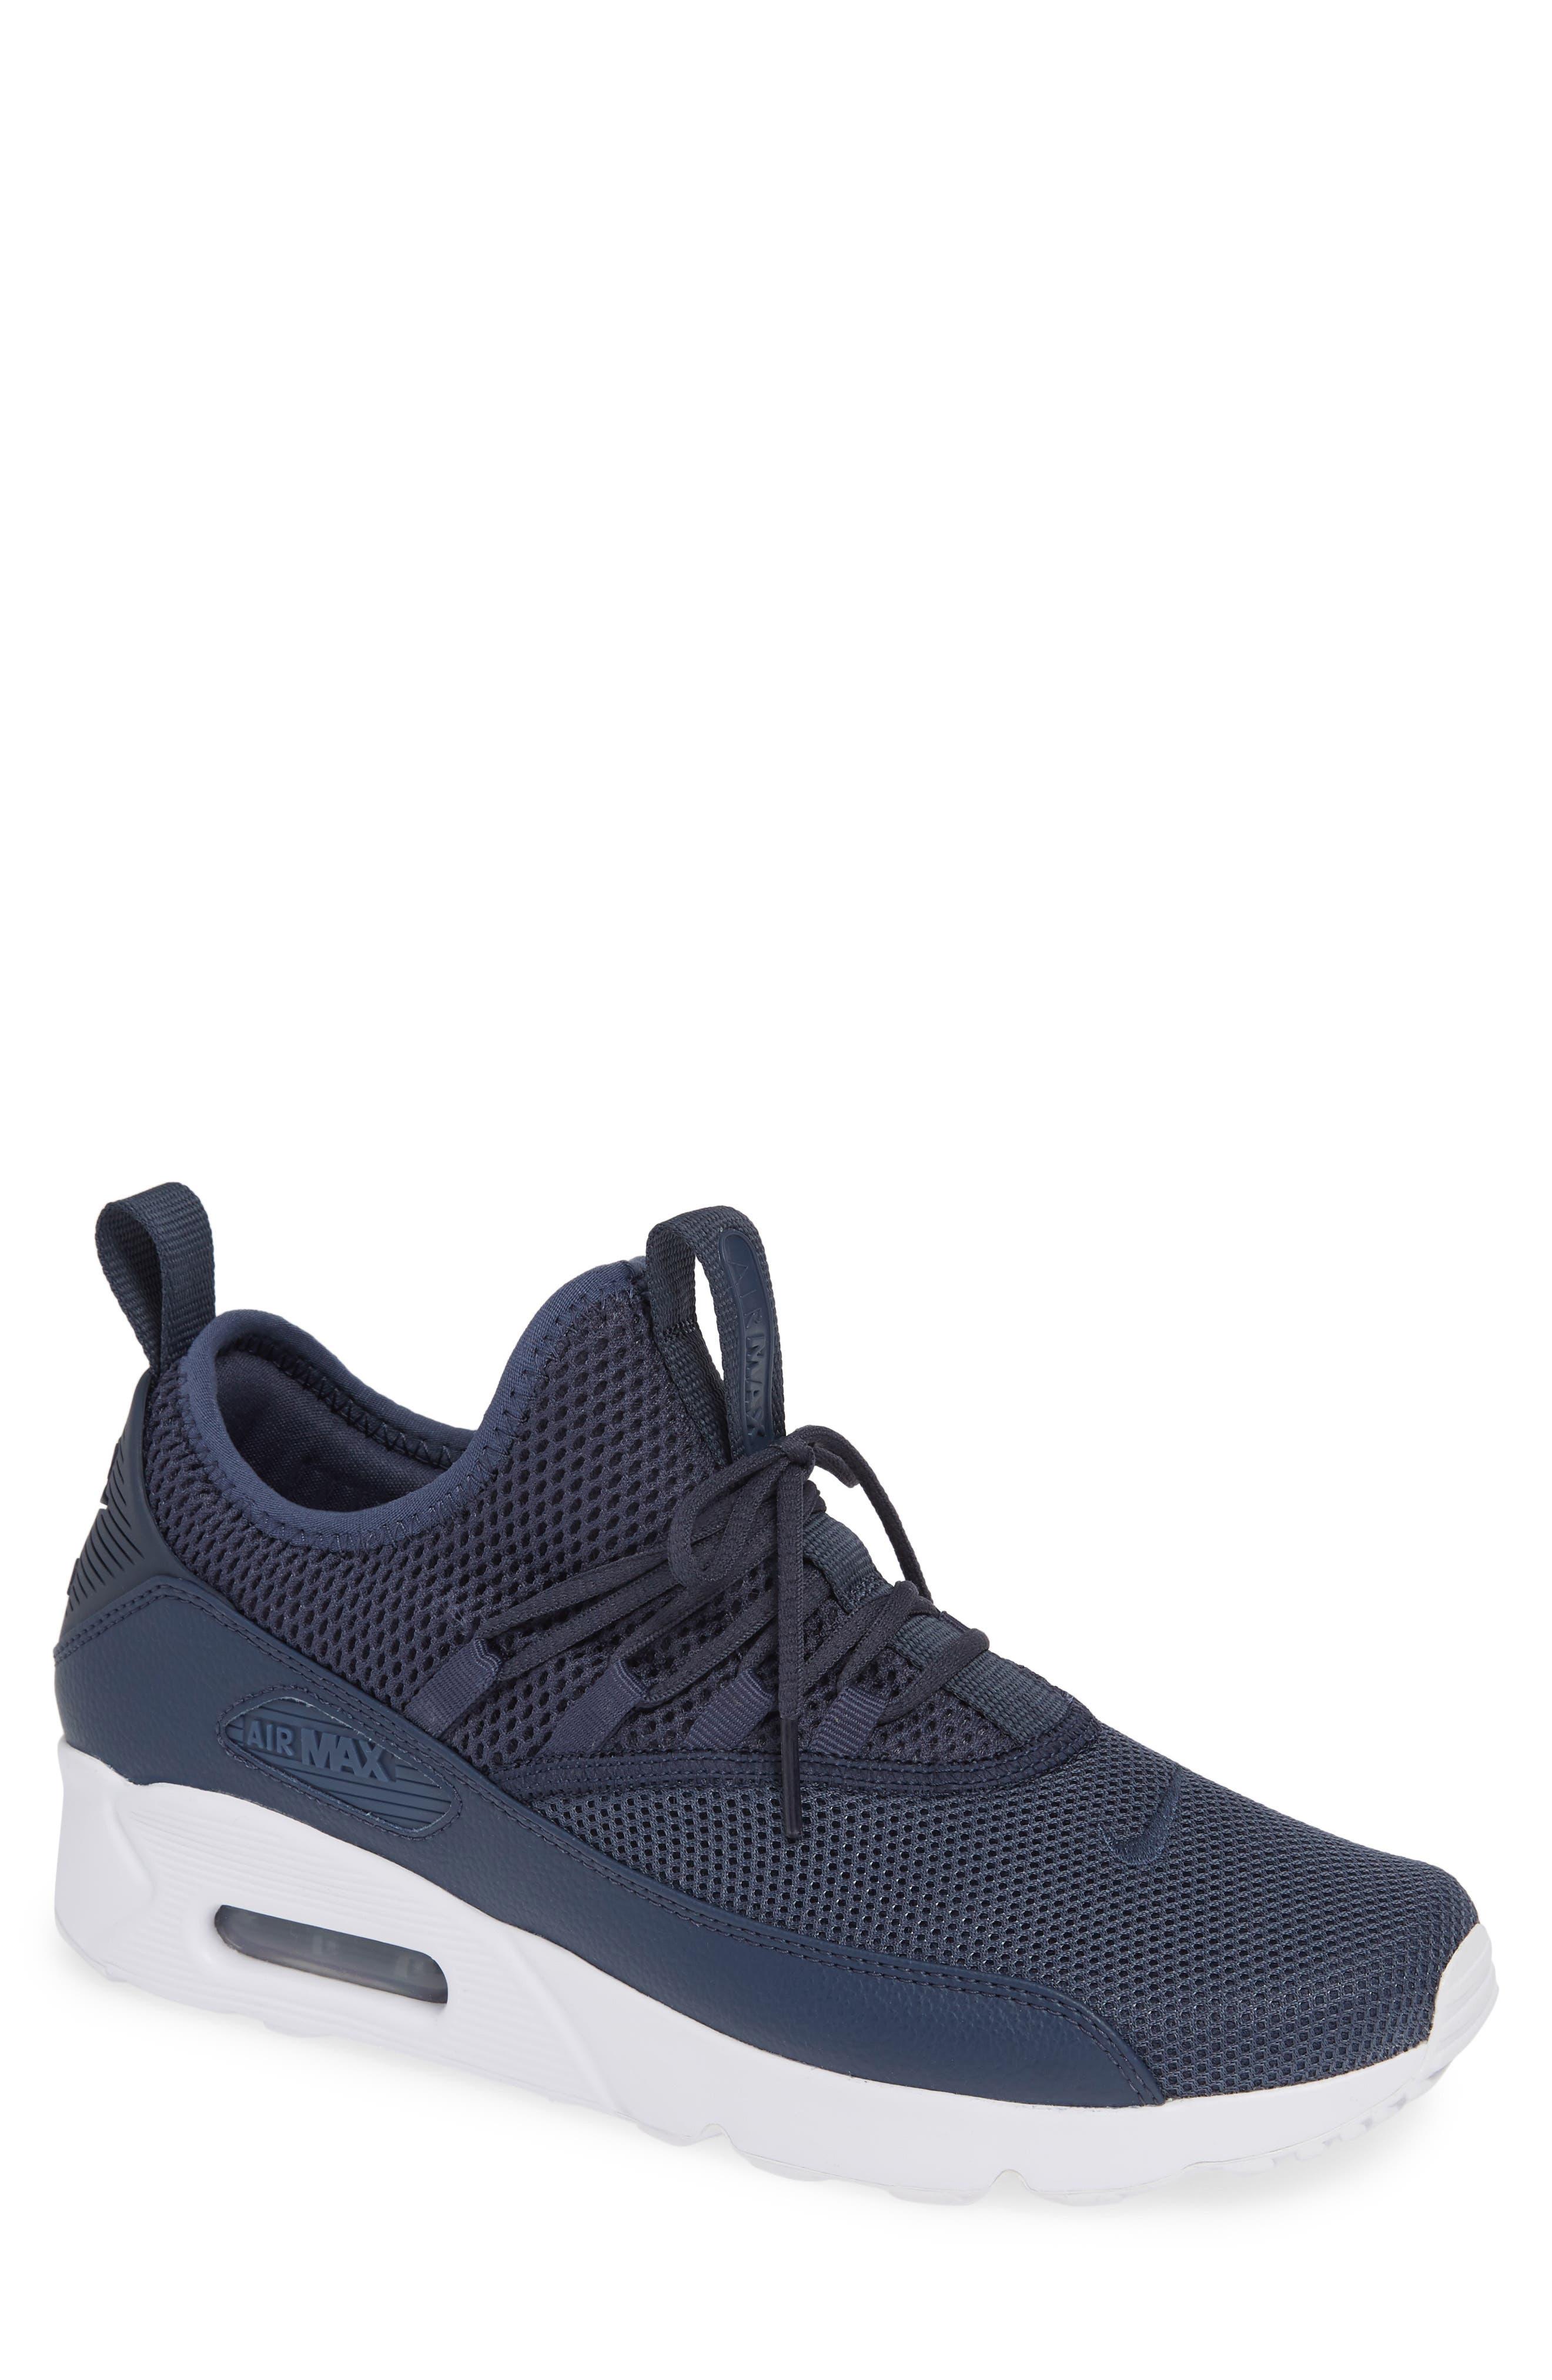 Air Max 90 EZ Sneaker,                         Main,                         color, THUNDER BLUE/ WHITE